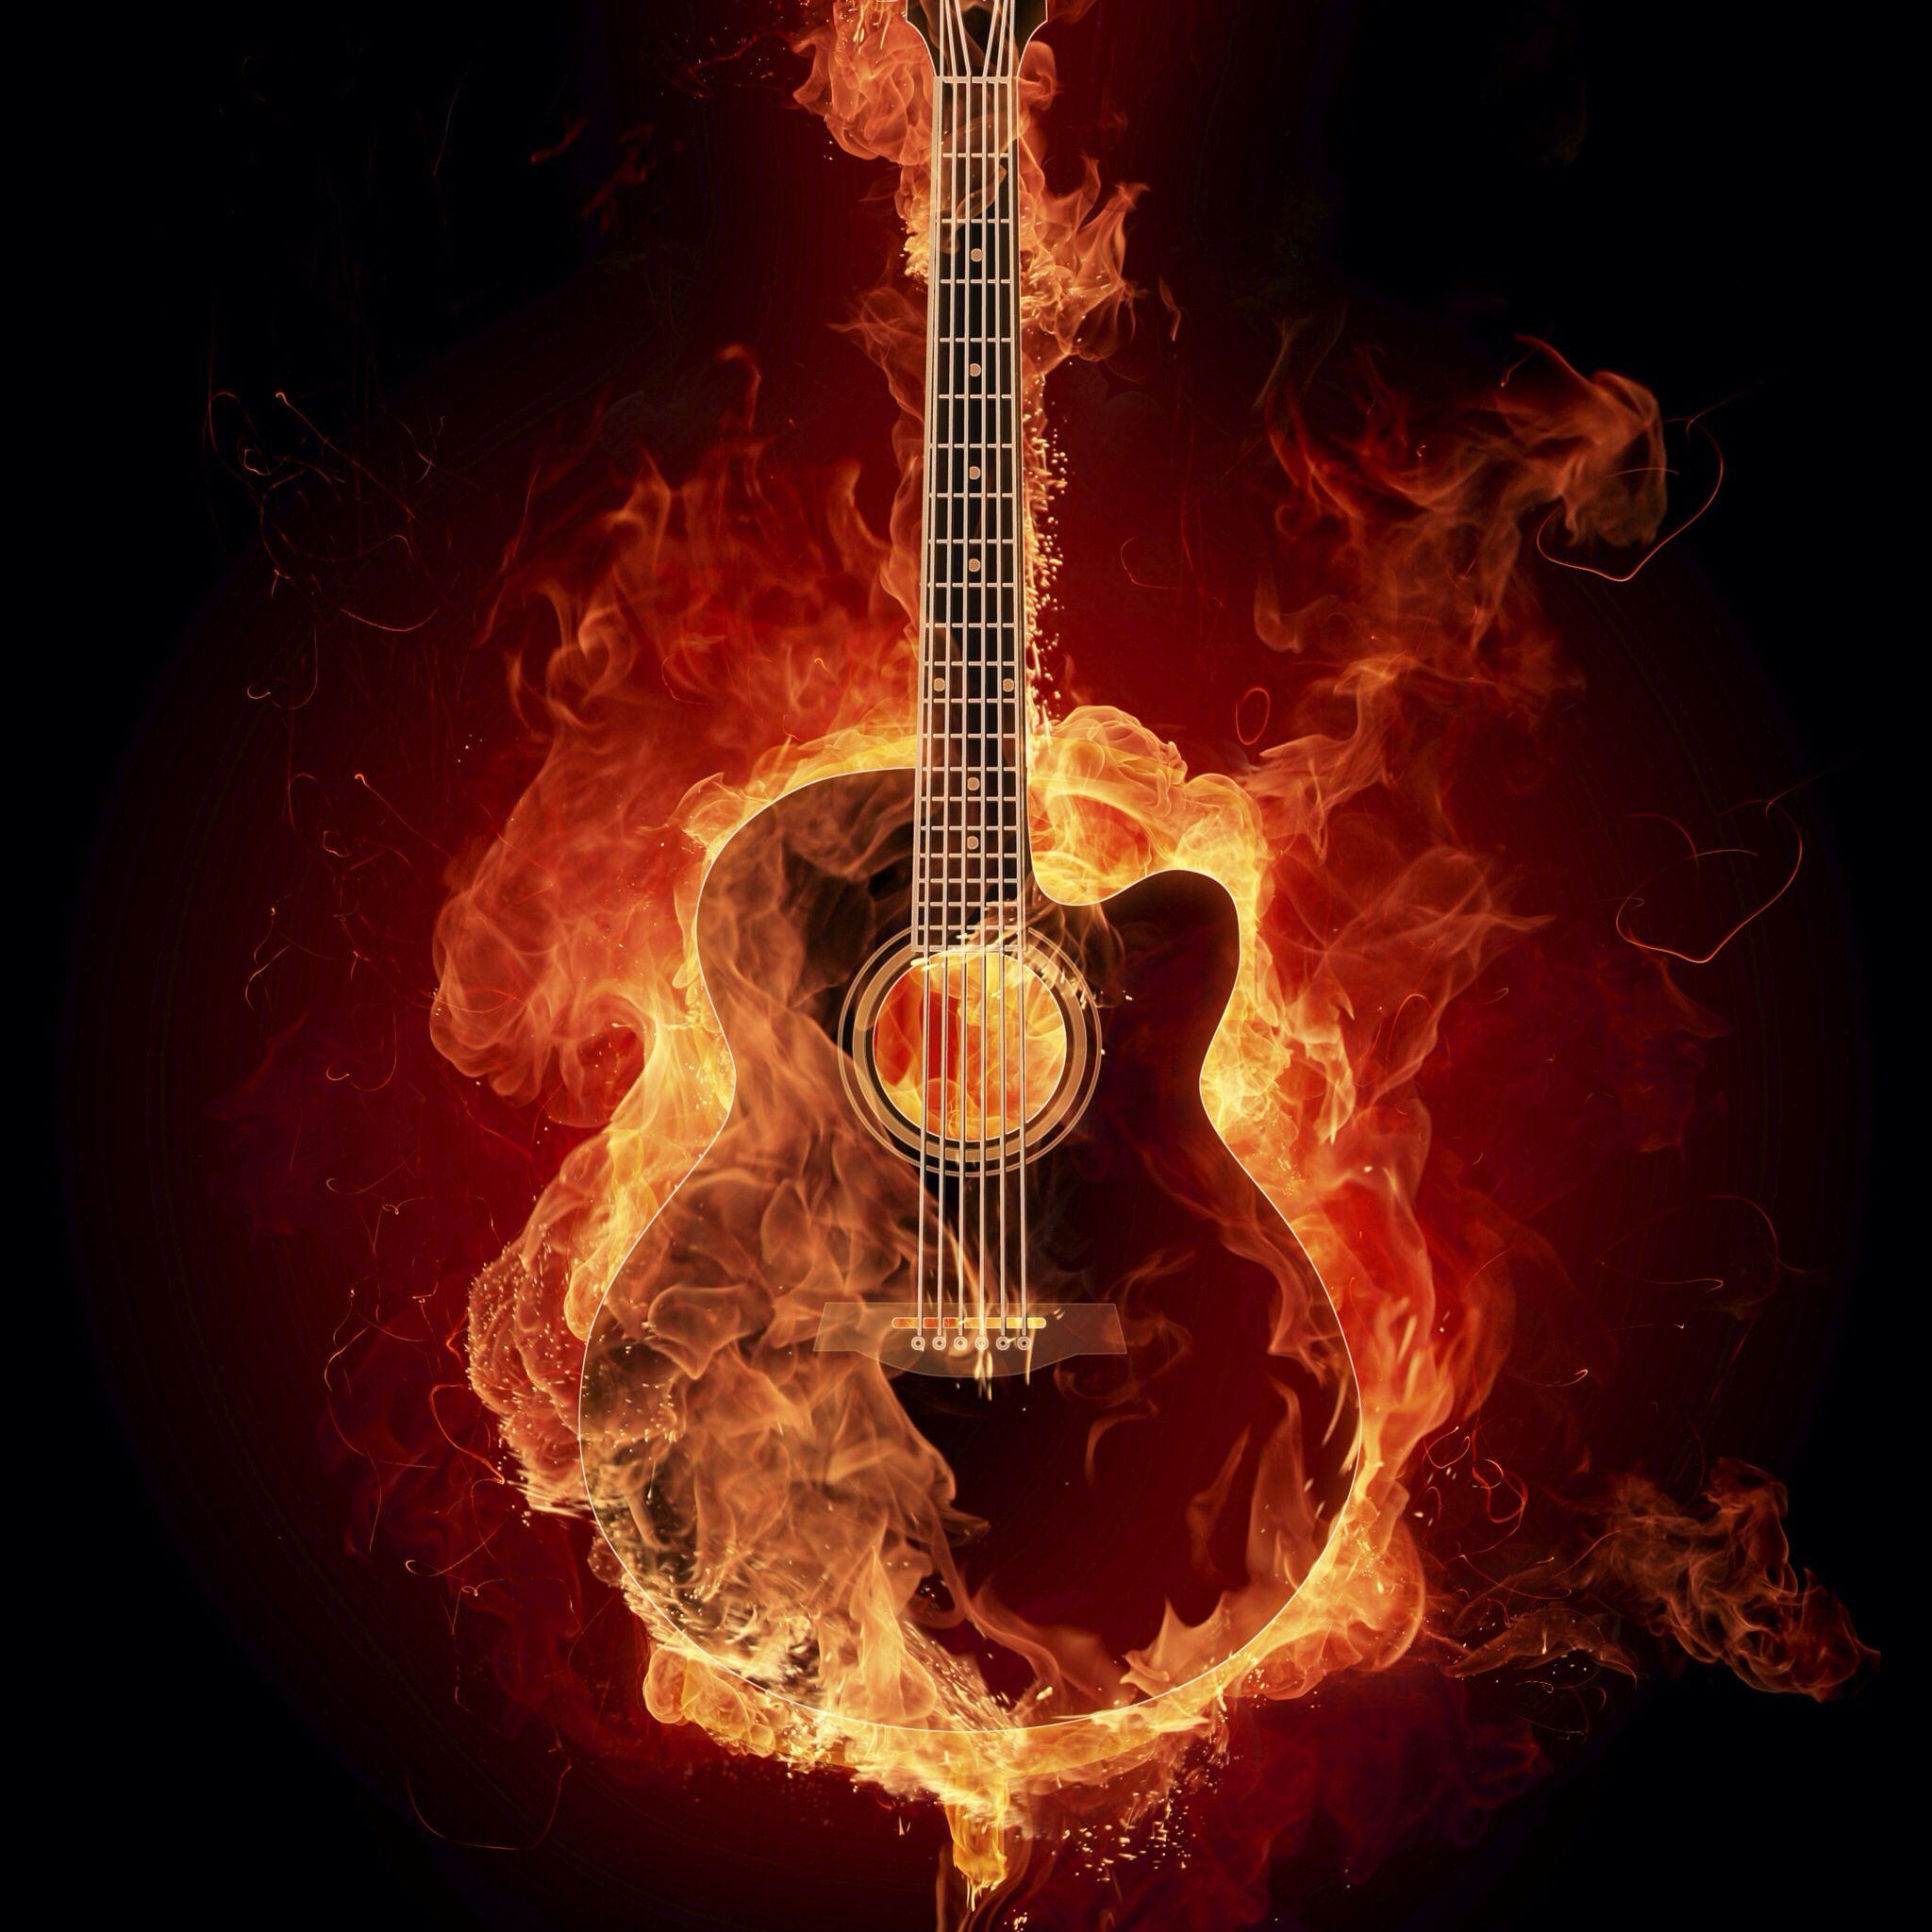 Cool Guitar Wallpaper Guitar Images Fire Art Music Wallpaper